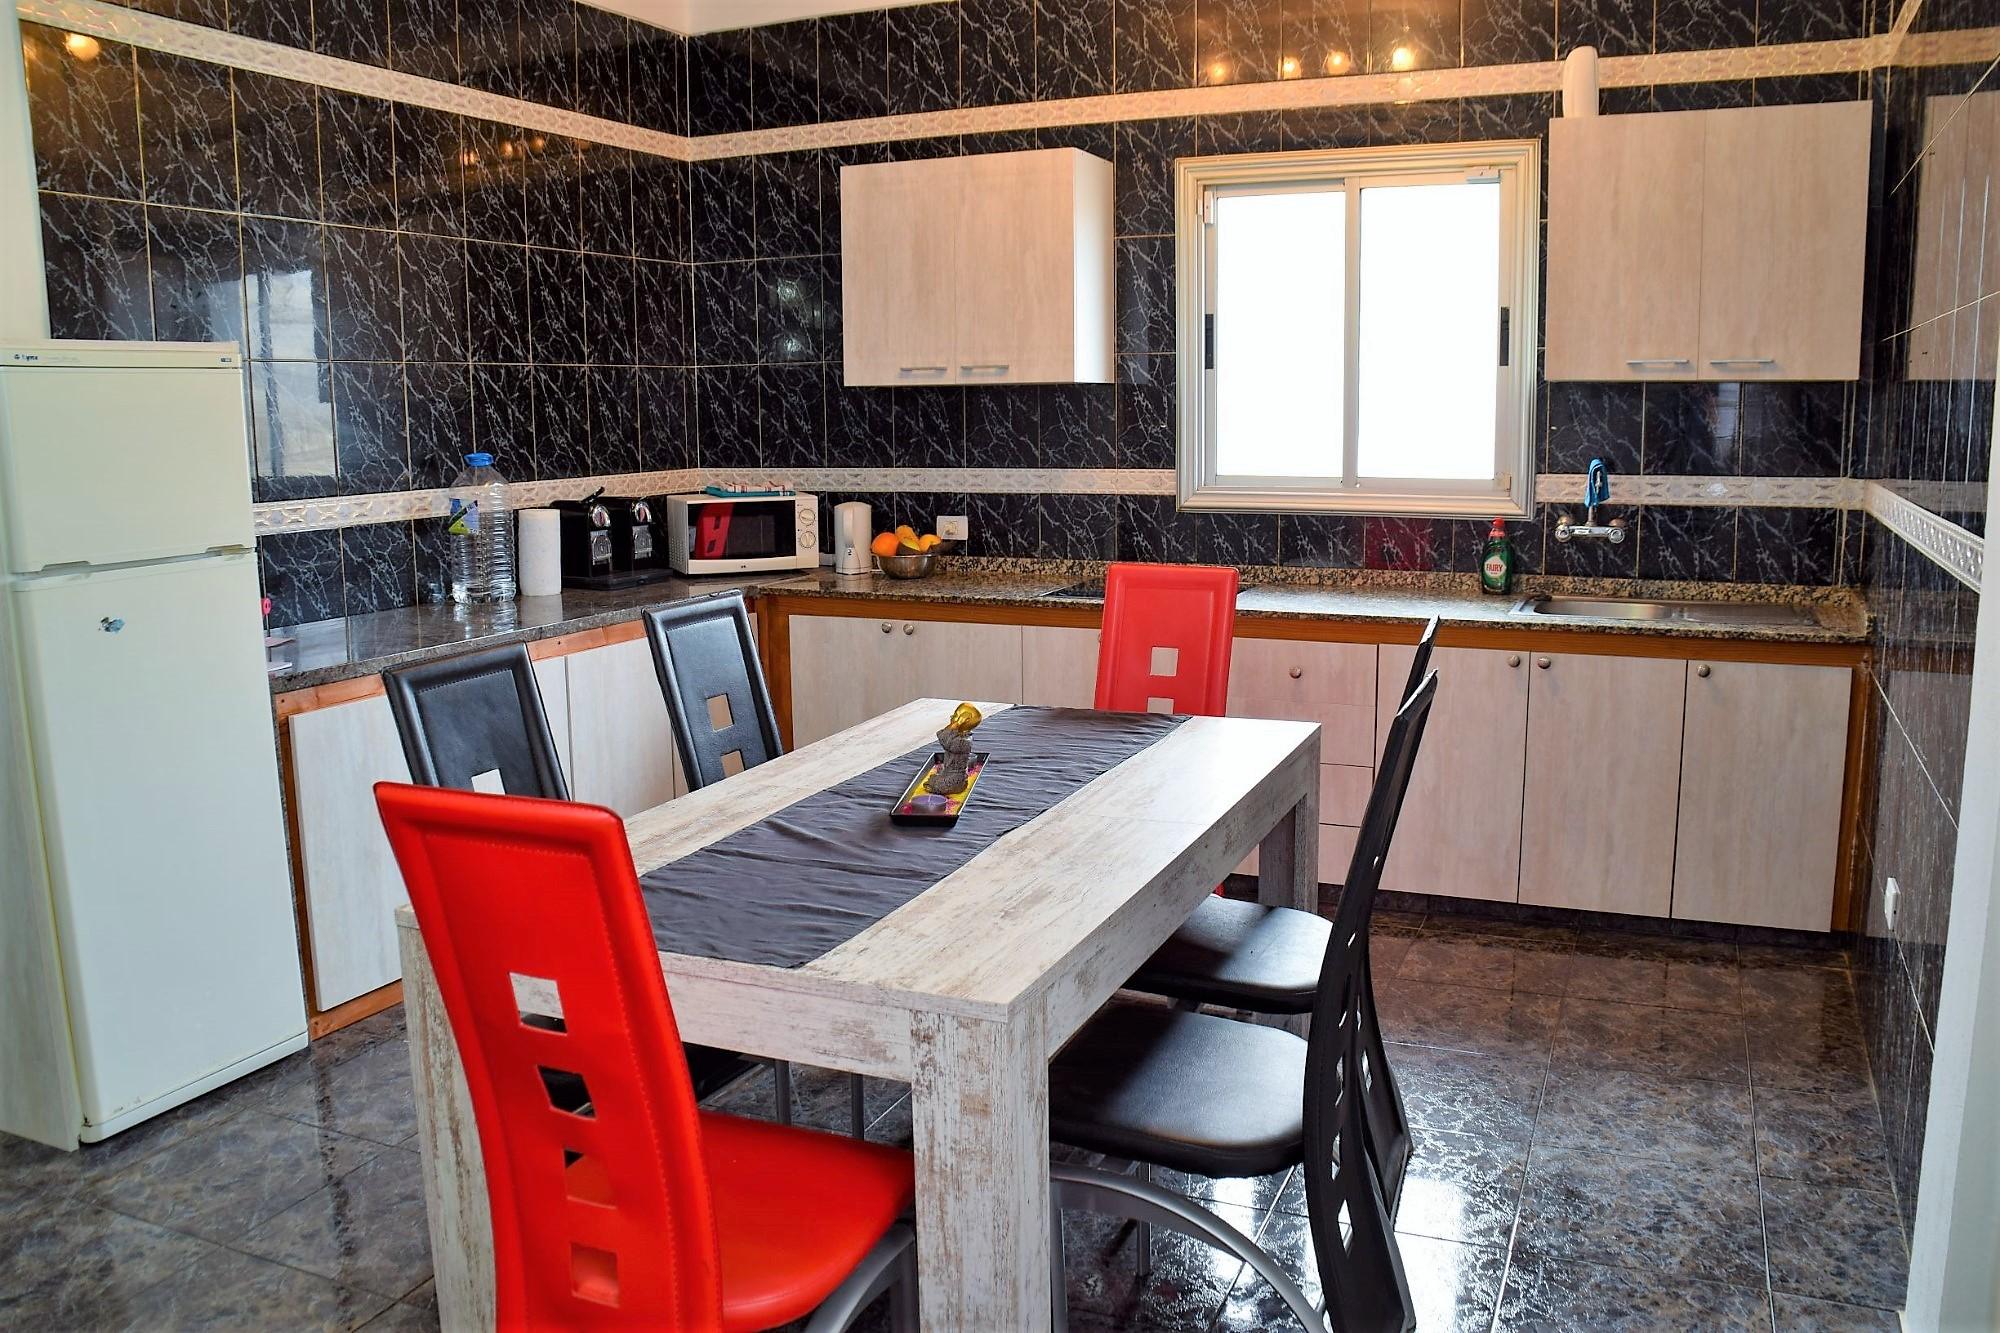 Ferienwohnung El Médano am Strand - La Caleta - Küche komplett